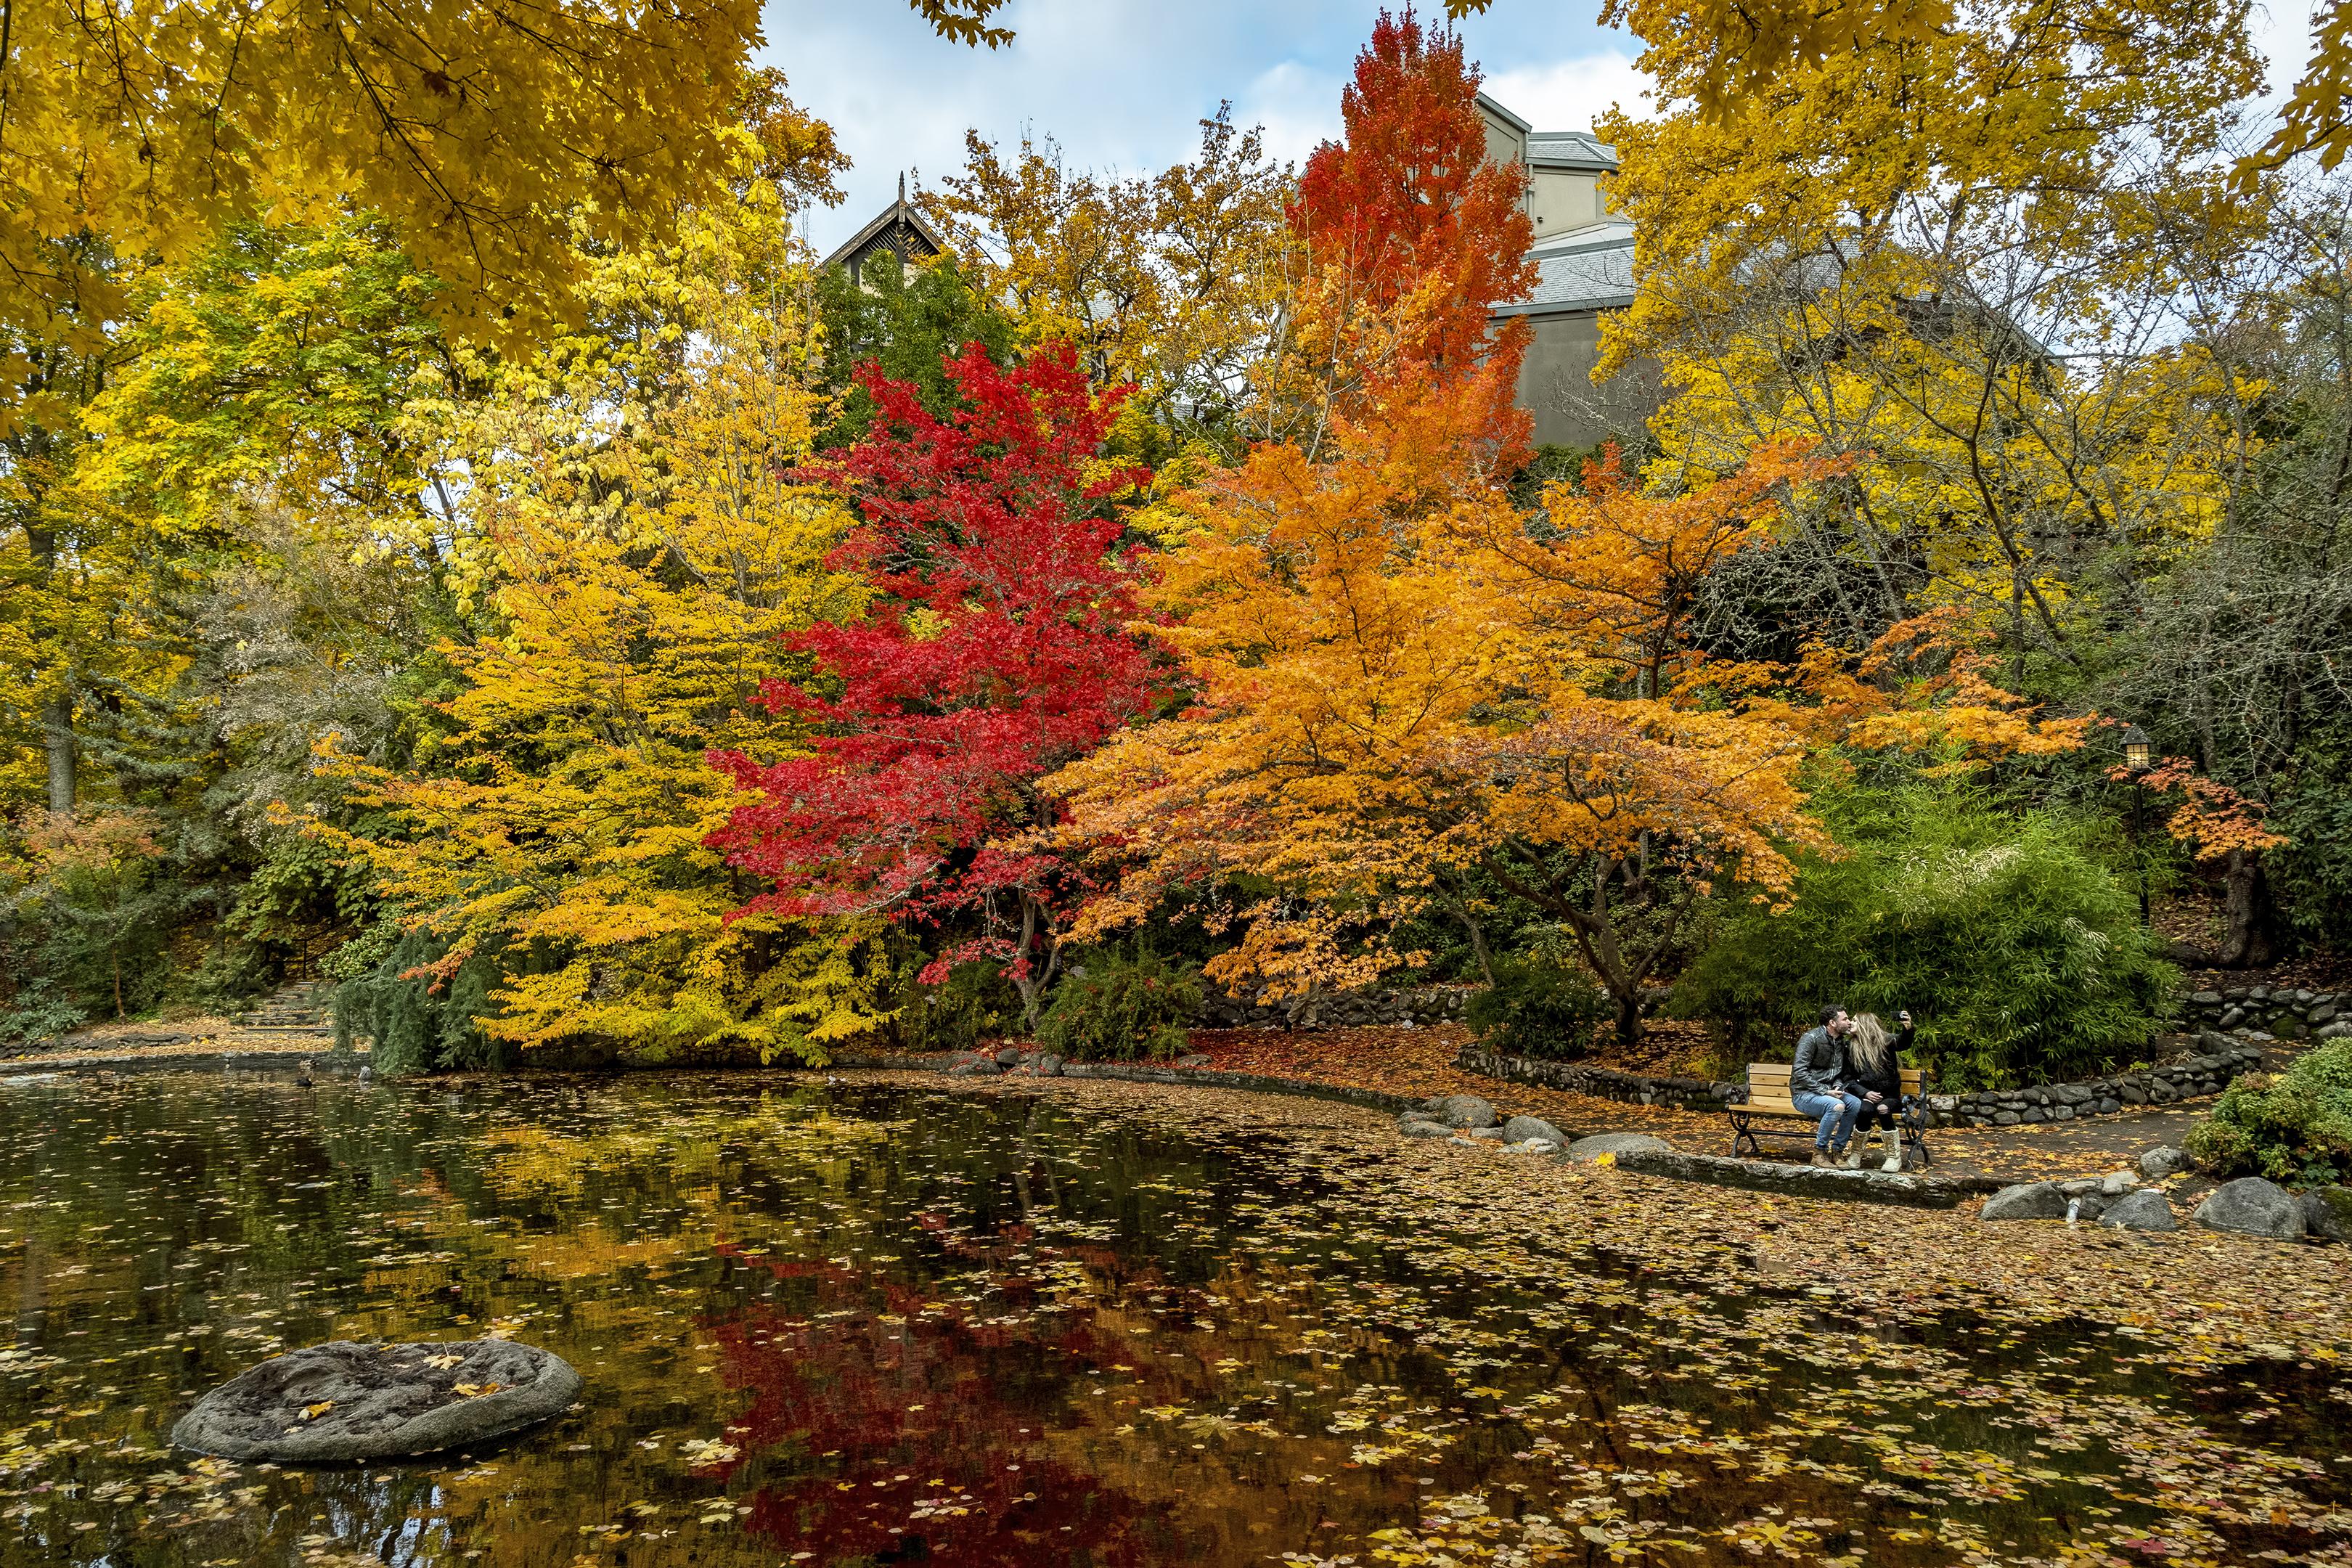 lithia park autumn selfie duck pond